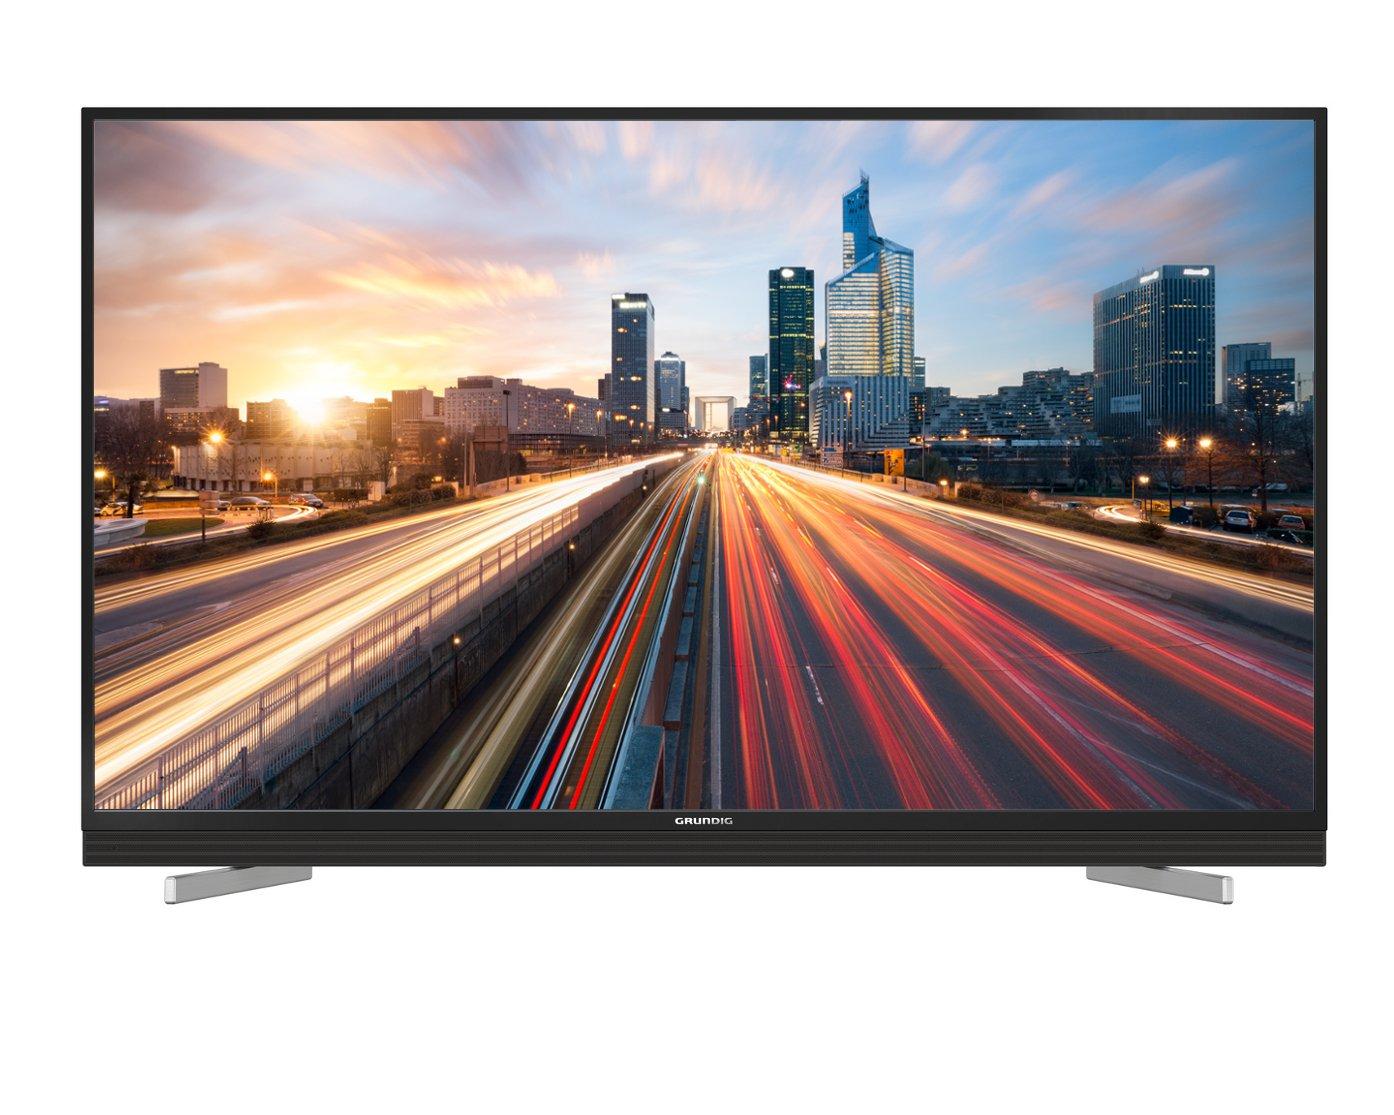 Grundig 48 VLX 8573 BP 122 cm (48 Pulgadas) TV (Ultra HD, sintonizador Triple, 3D, Smart TV) Negro: Grundig: Amazon.es: Electrónica